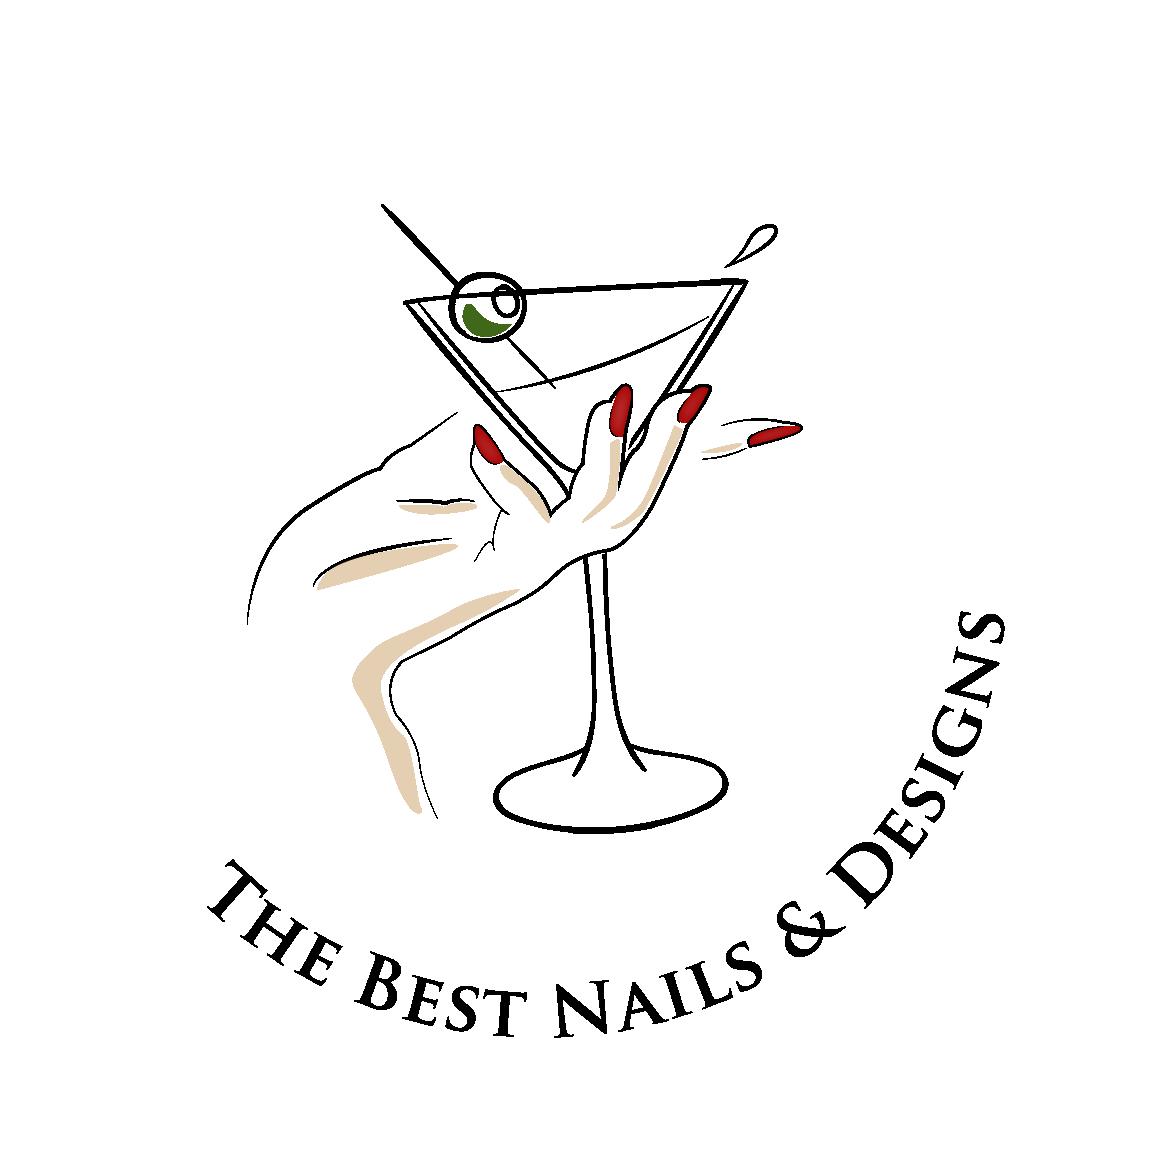 Nail spa logo